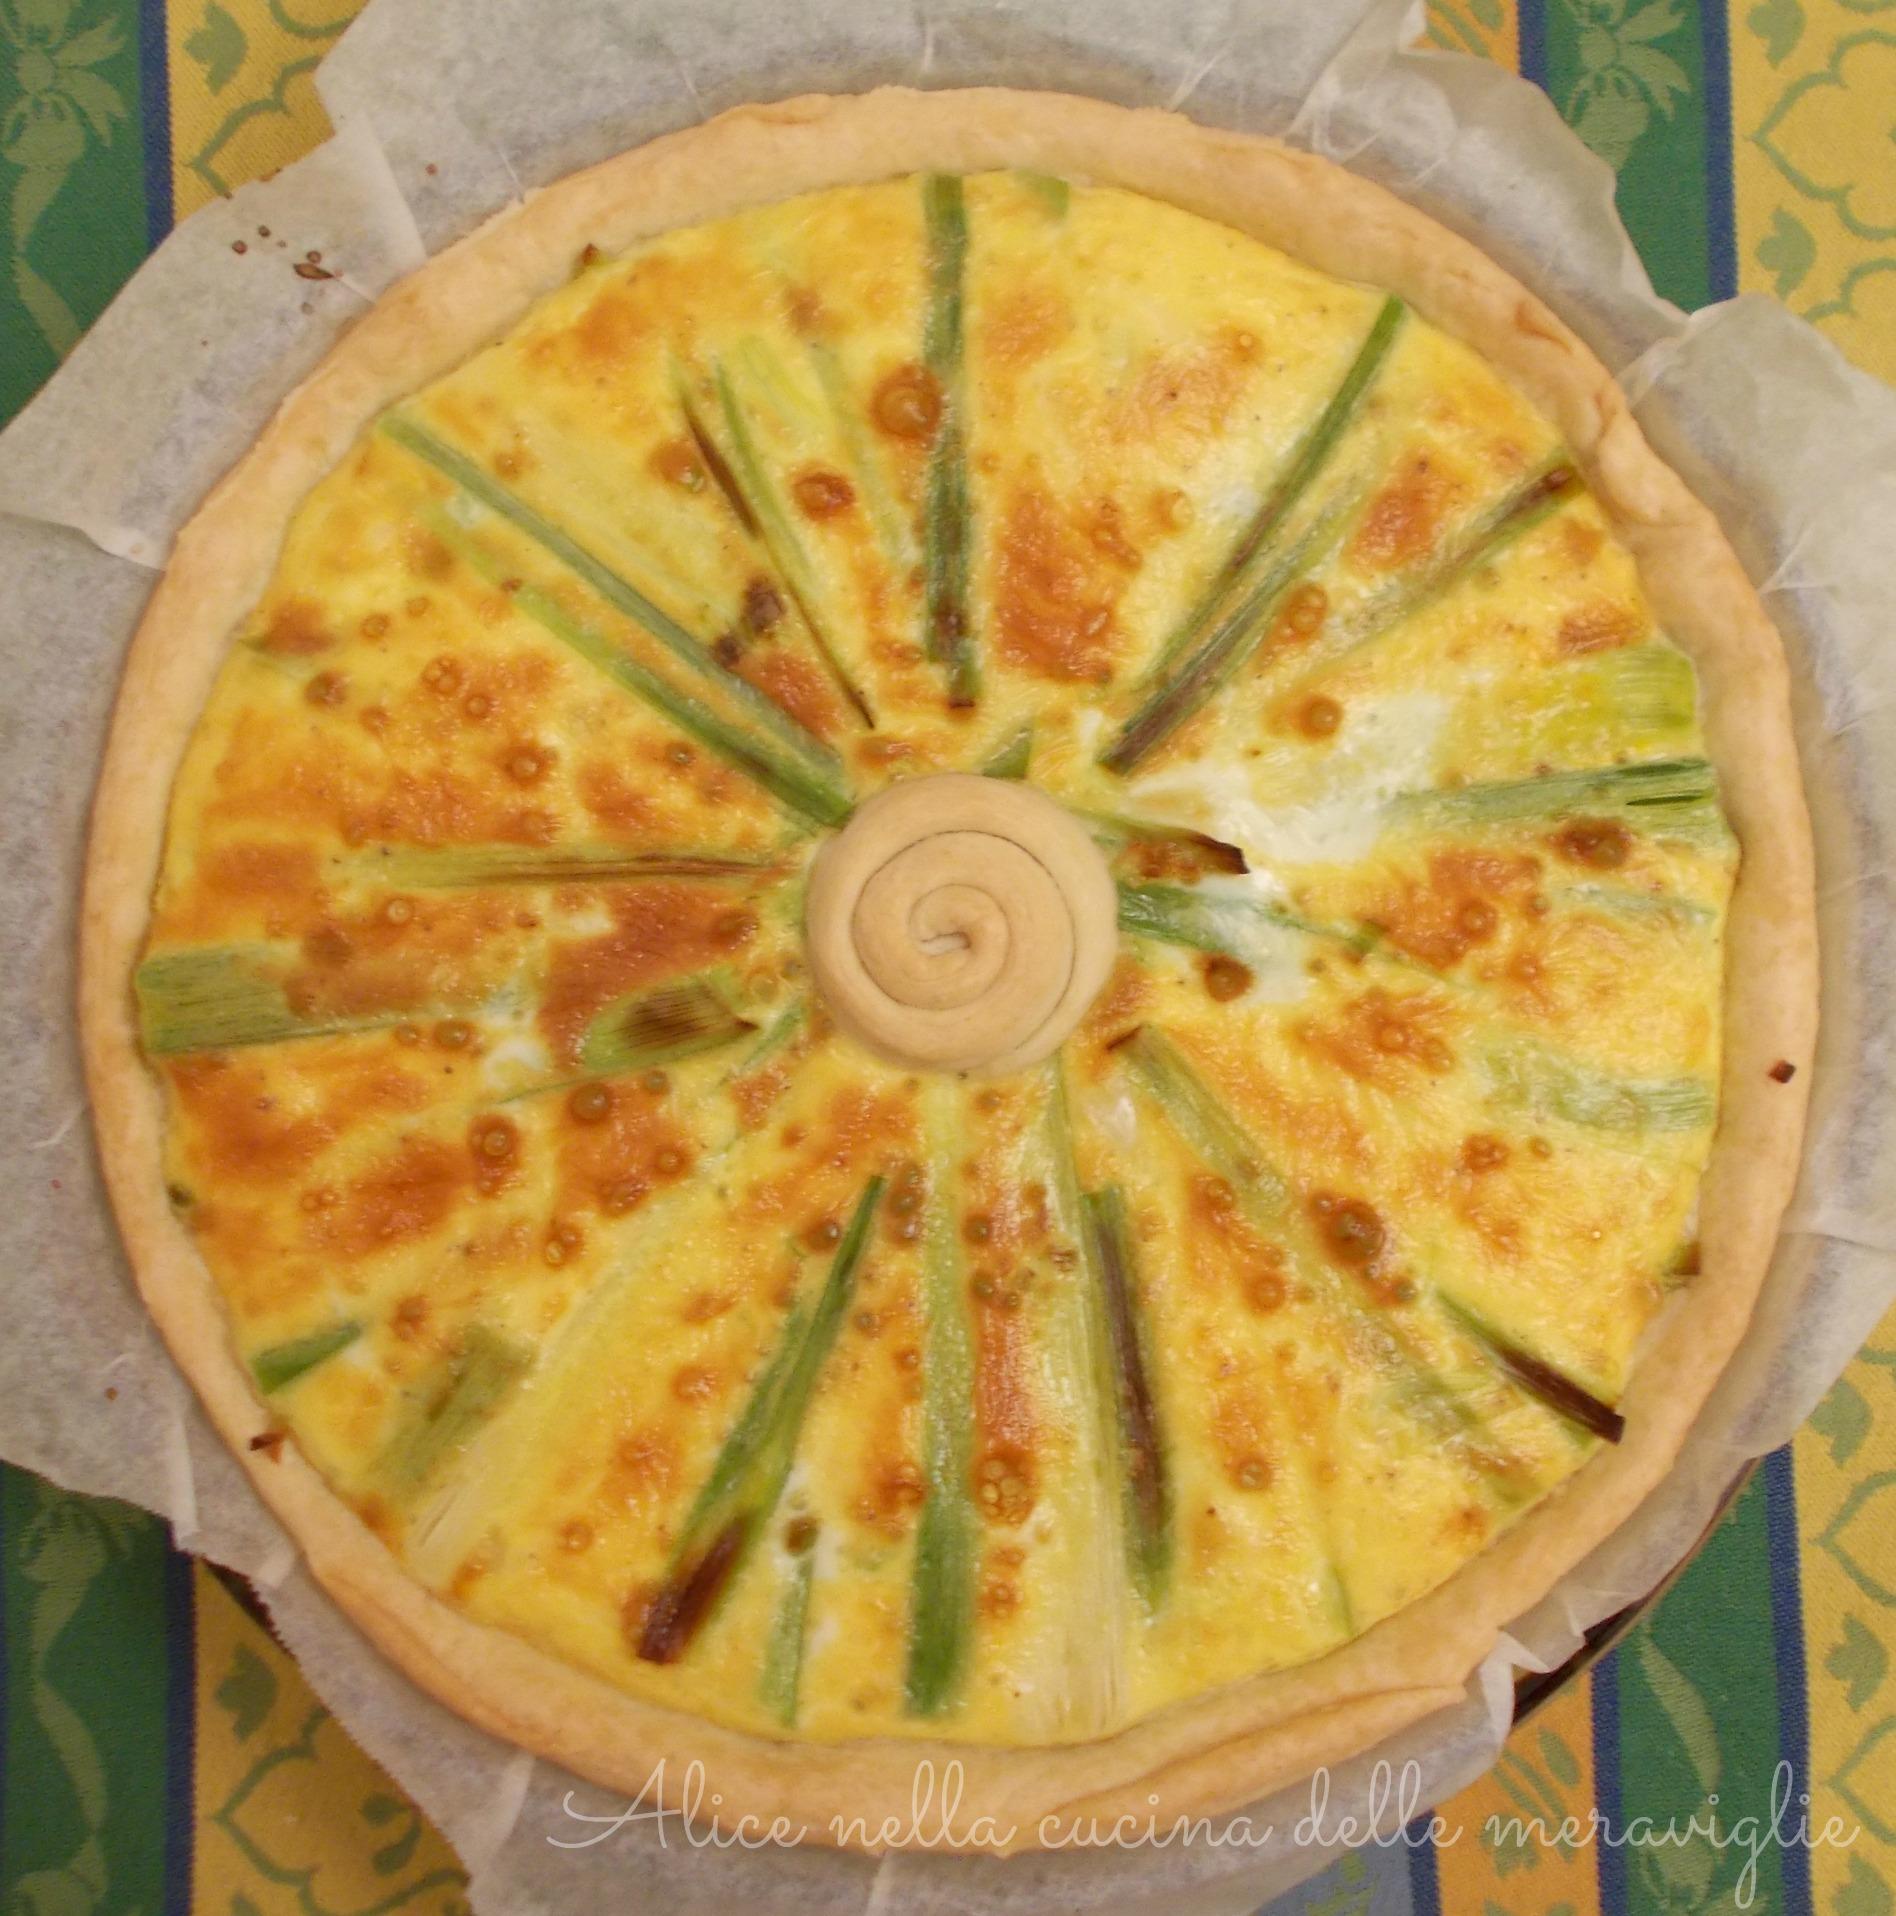 Torta salata ai porri Ricetta vegetariana Alice nella cucina delle meraviglie